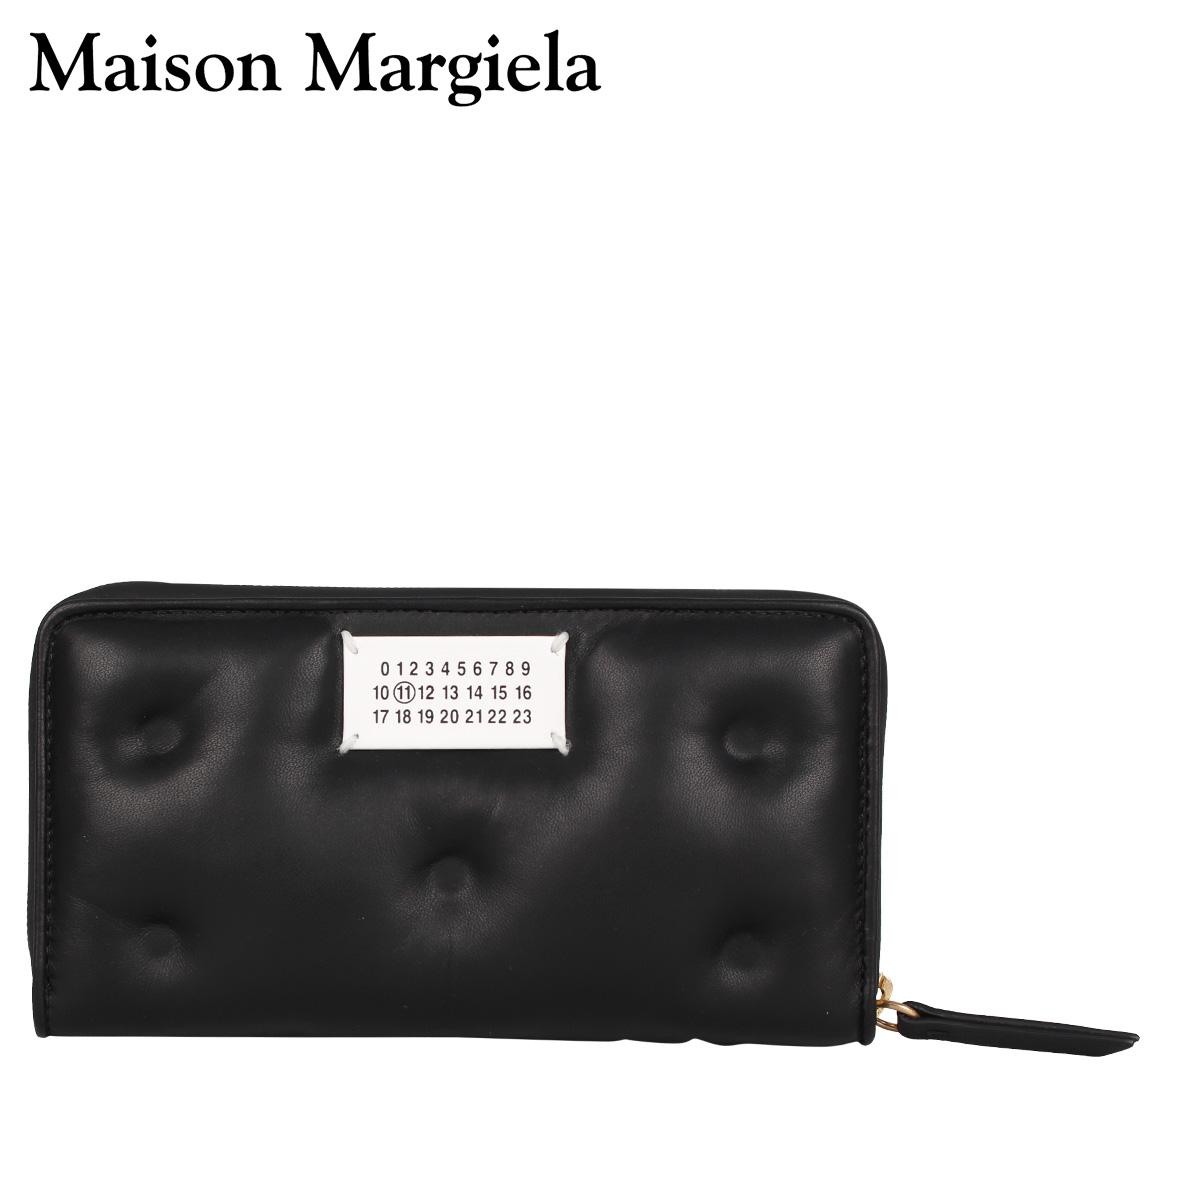 MAISON MARGIELA メゾンマルジェラ 財布 長財布 メンズ レディース ラウンドファスナー LONG WALLET ブラック 黒 S56UI0110 [4/15 新入荷]